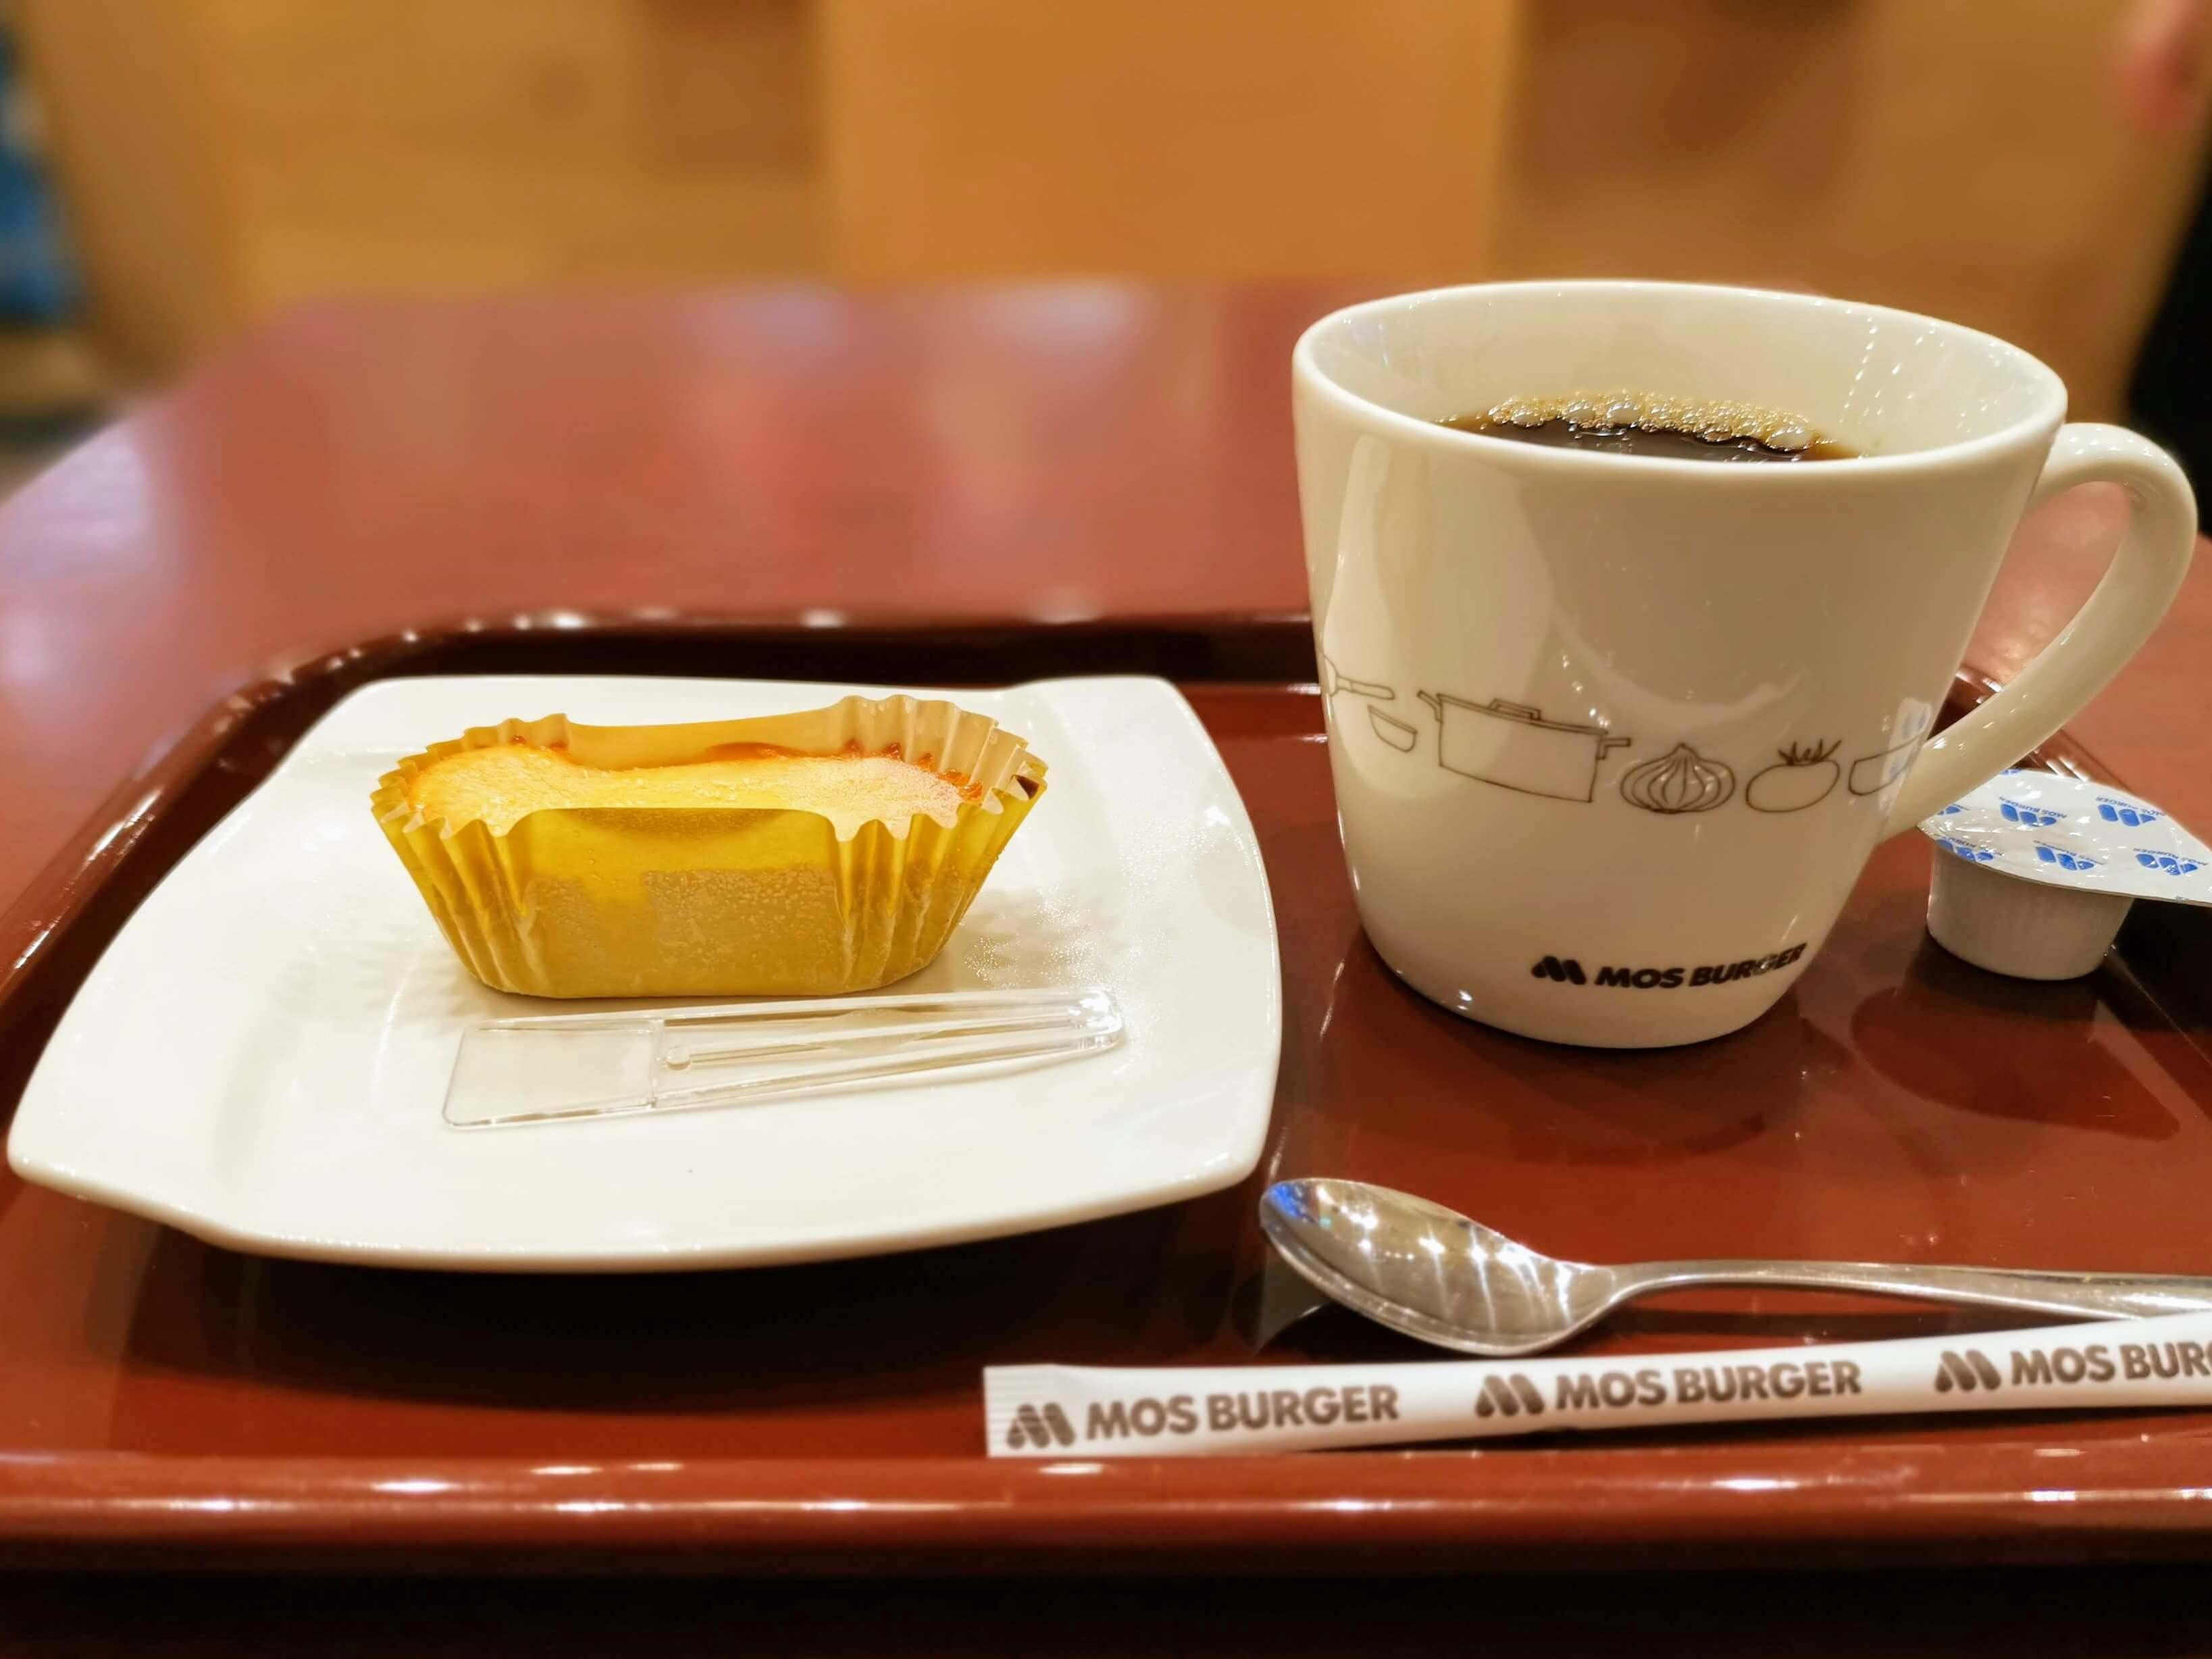 モスバーガー ひんやりドルチェ ベイクドチーズ (1)